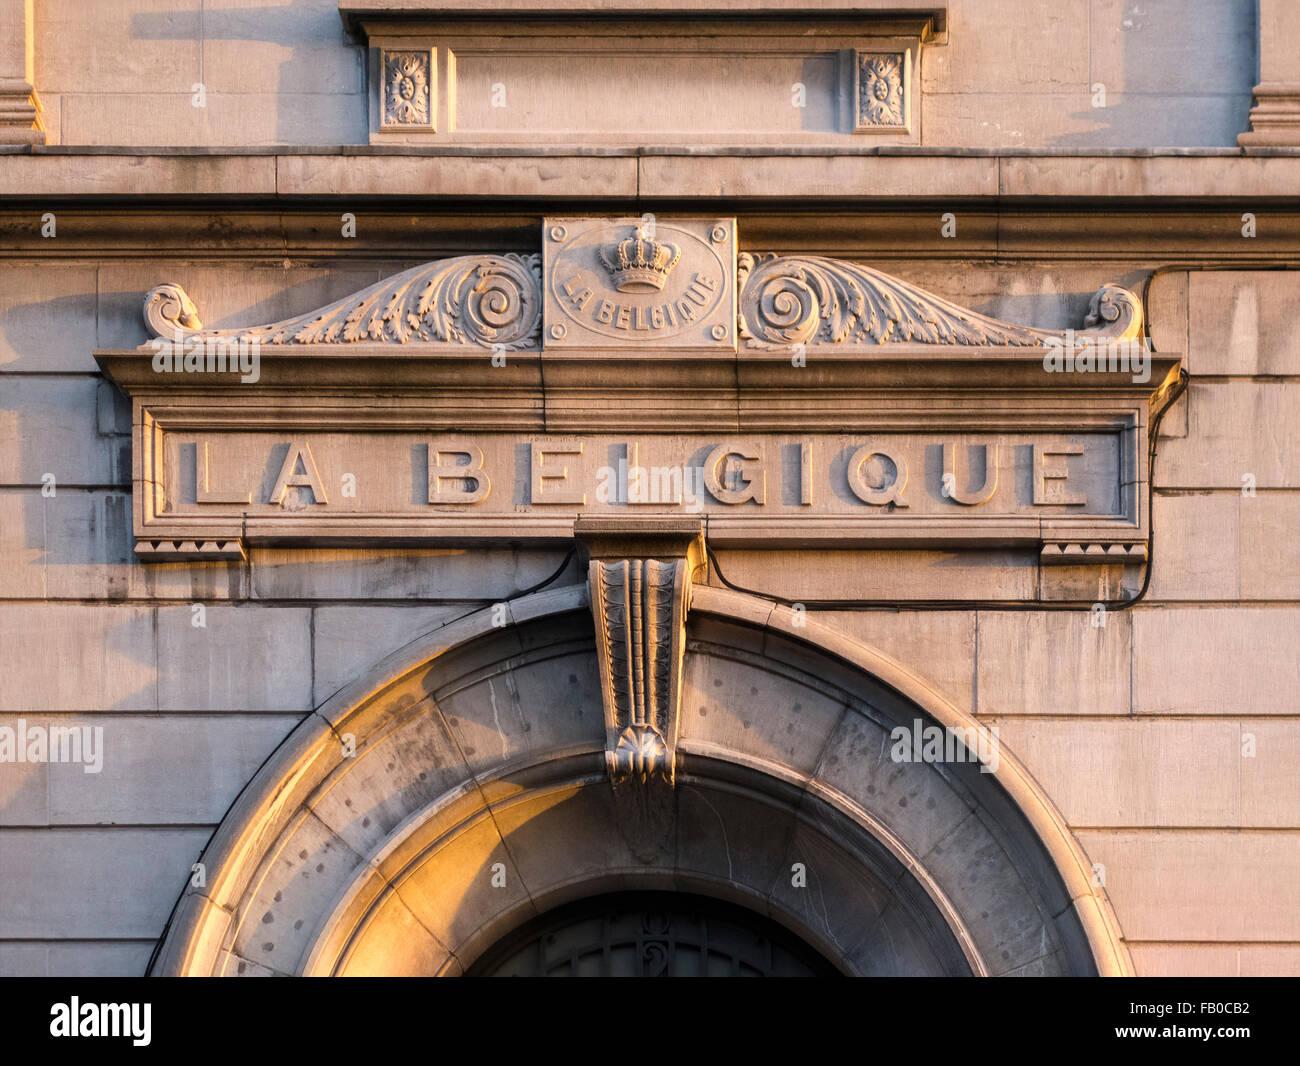 Firmare il Belgio. Incoronato iscrizione La Belgique sulla porta di una corte di giustizia di pace a Bruxelles. Foto Stock